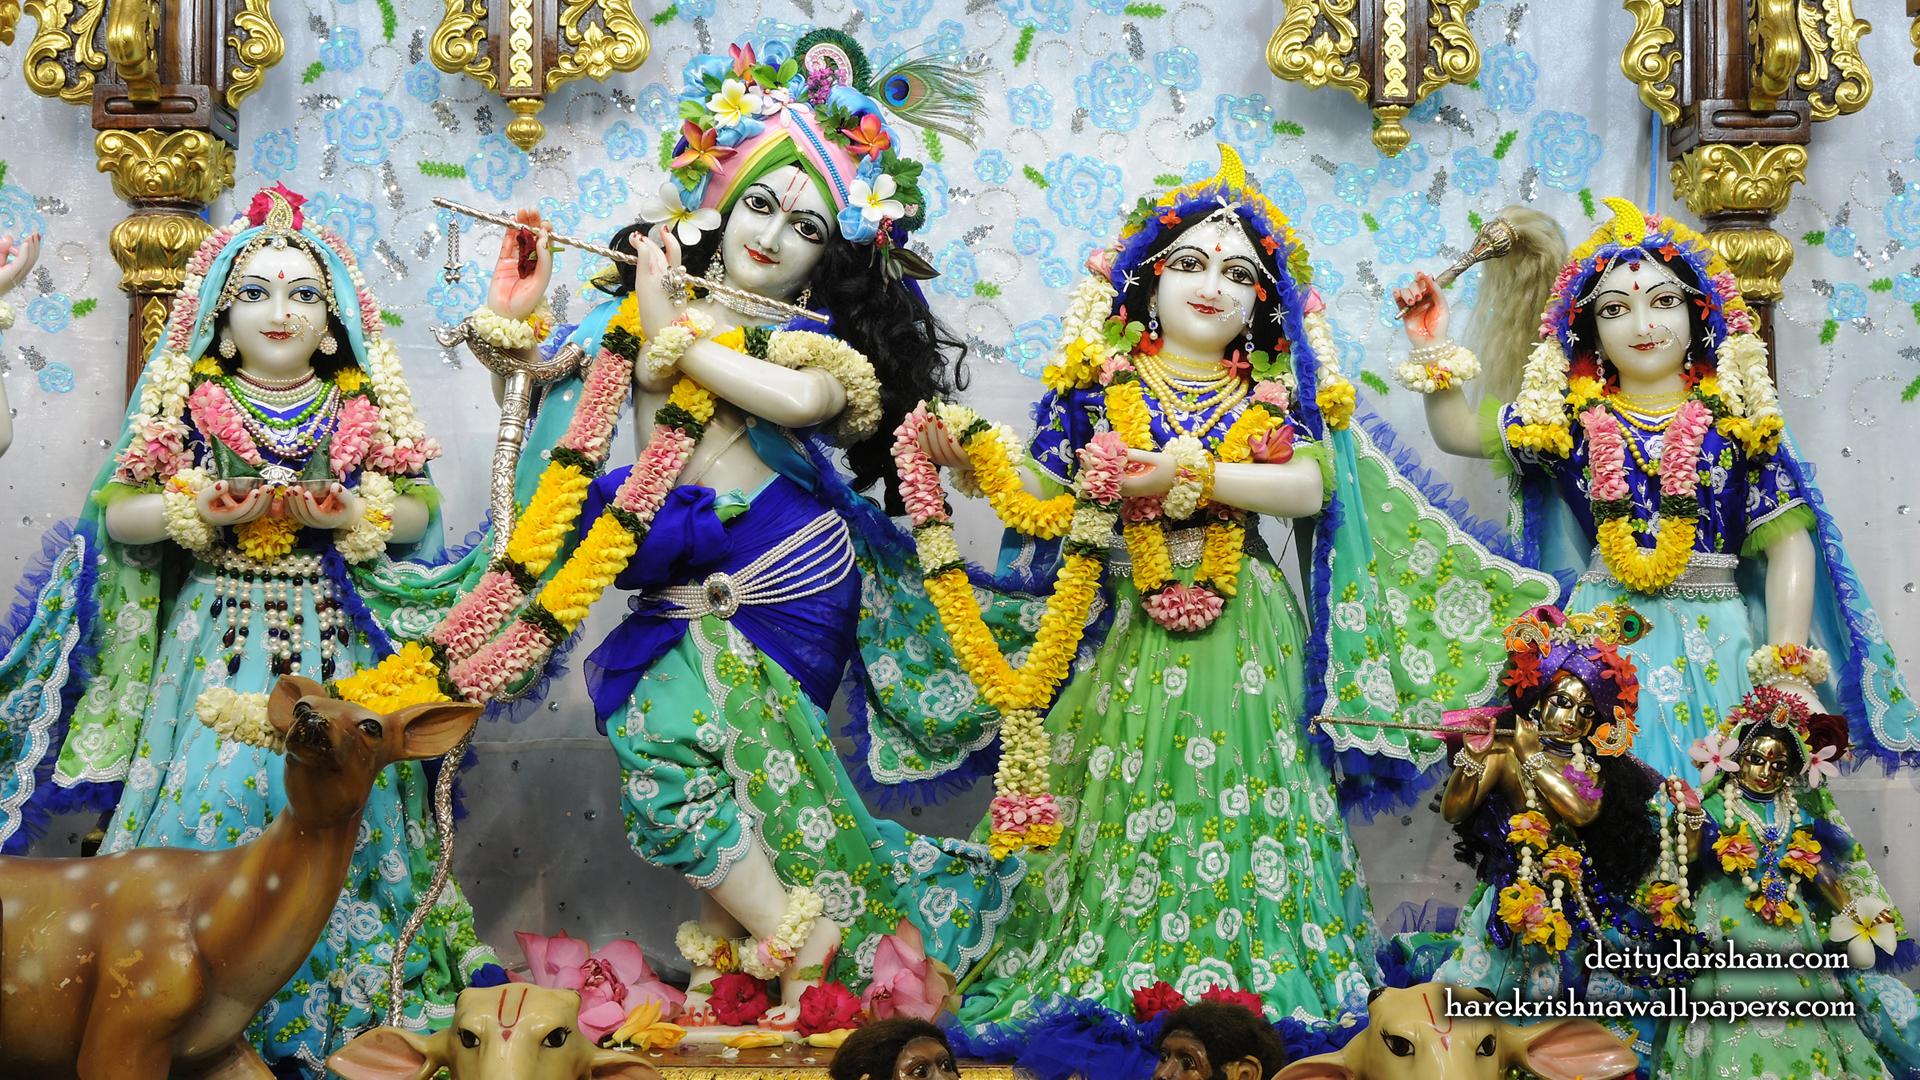 Sri Sri Radha Gopinath Lalita Vishakha Wallpaper (069) Size 1920x1080 Download